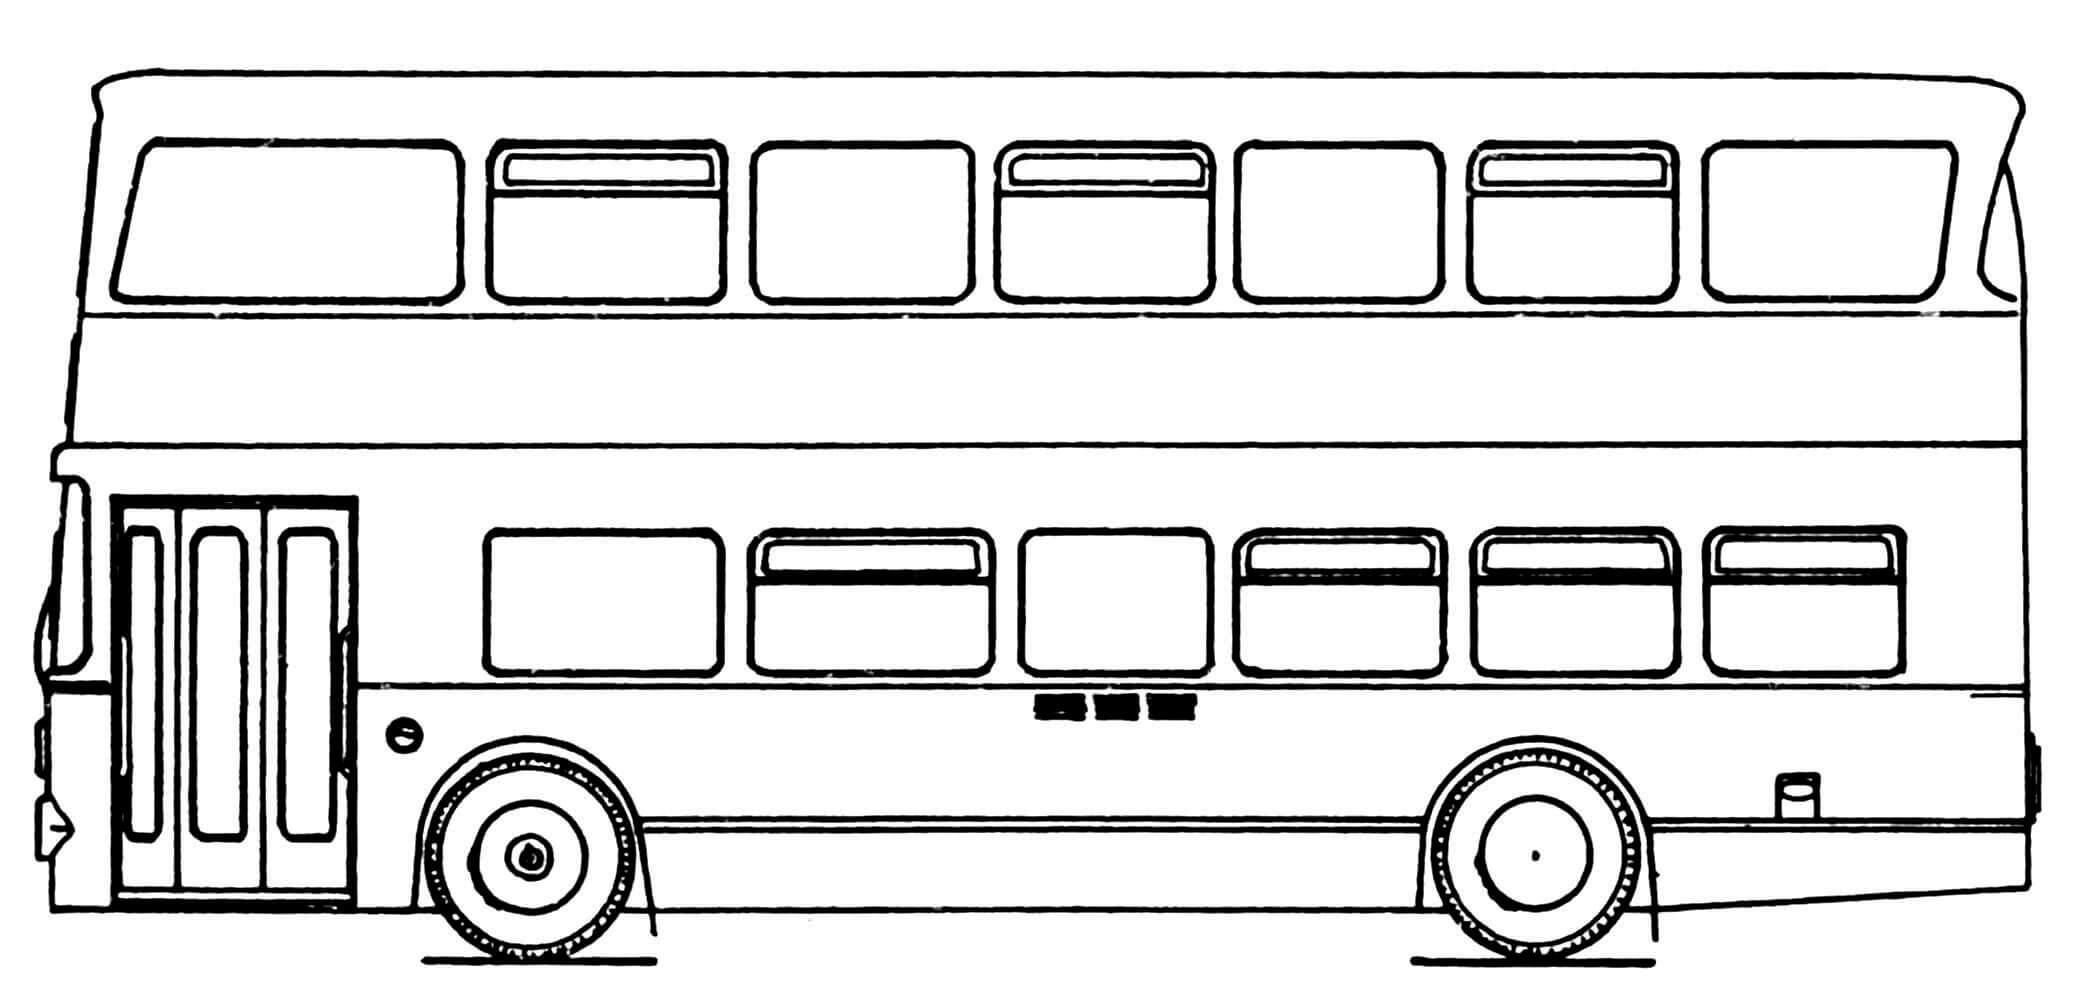 Вариант автобуса с одной дверью.